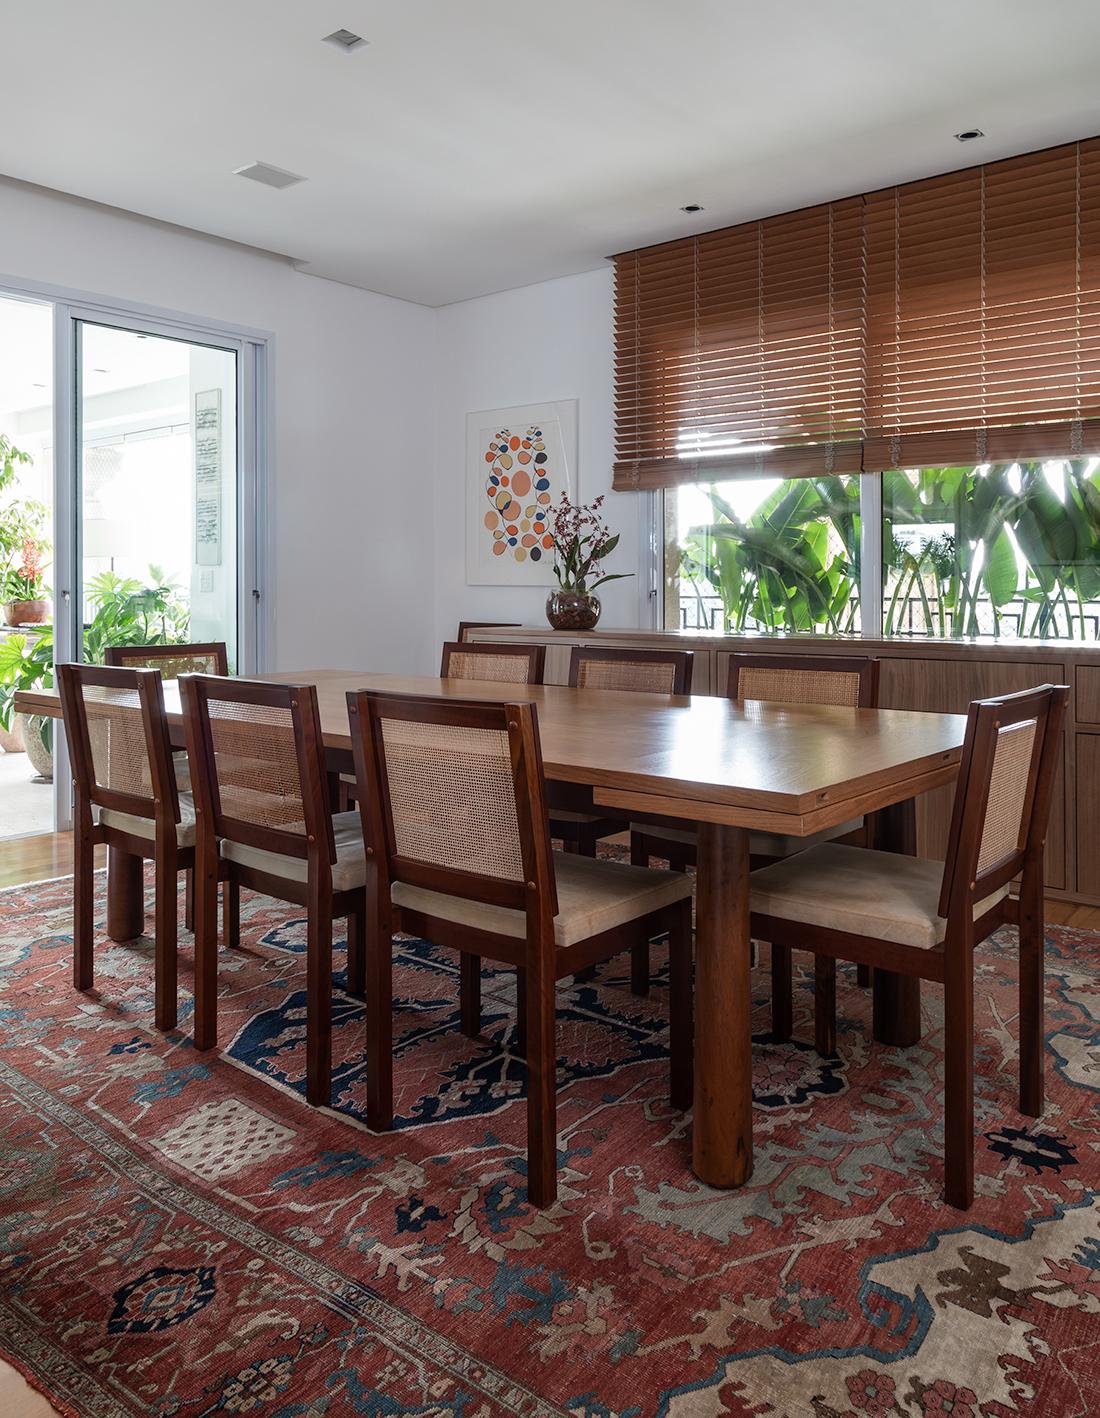 sala de jantar com mesa e cadeiras de madeira